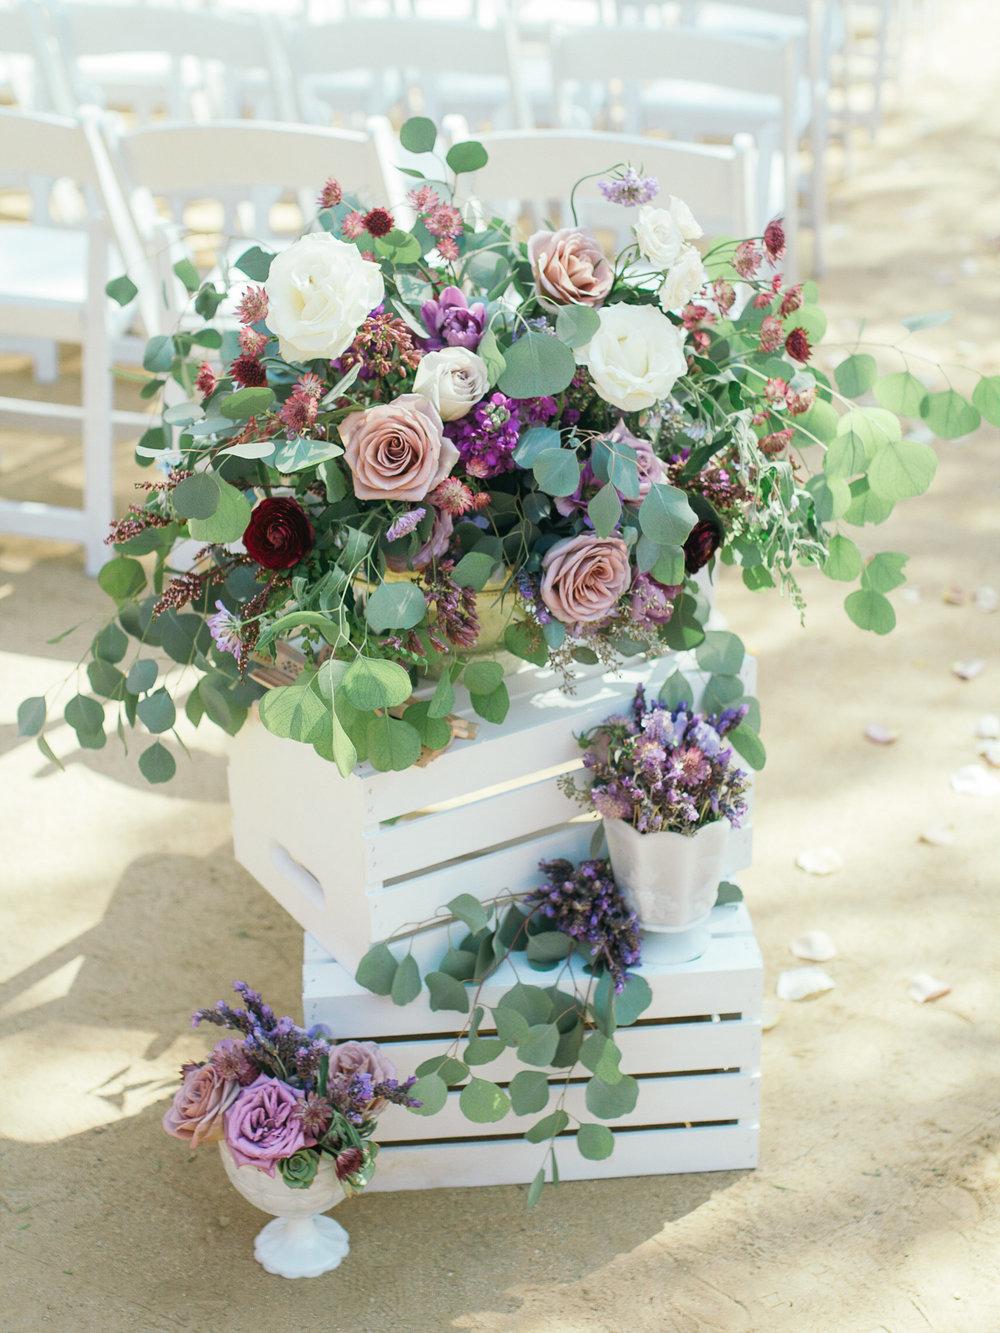 www.SantaBarbaraWeddingStyle   Kiel Rucker Photography   Wedding Planner: Ann Johnson Events   Floral Design: Emma Rose Floral & Design   Ceremony Floral